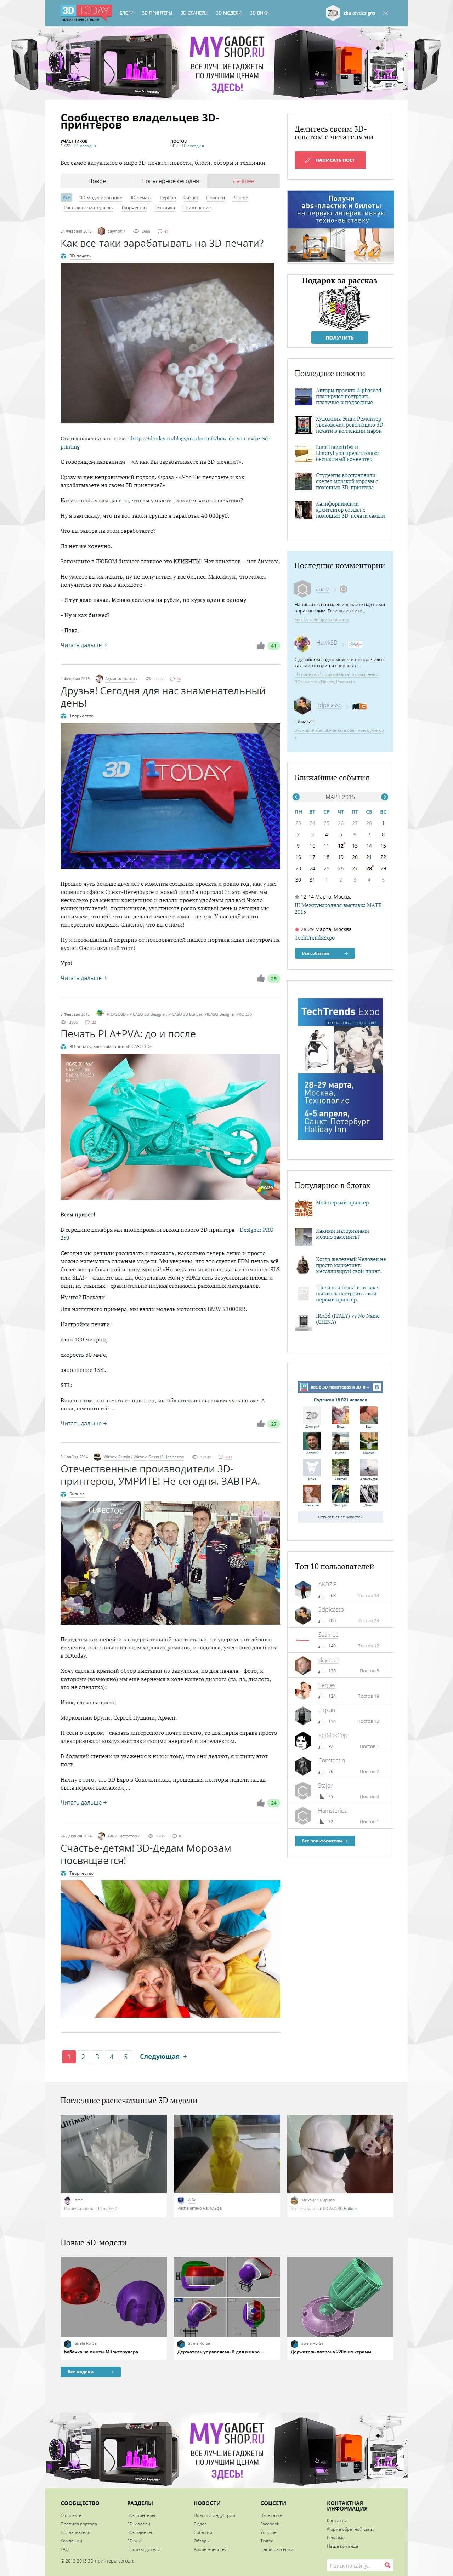 Брендирование MyGadgetShop - включена в пакет с Лендинг страницей